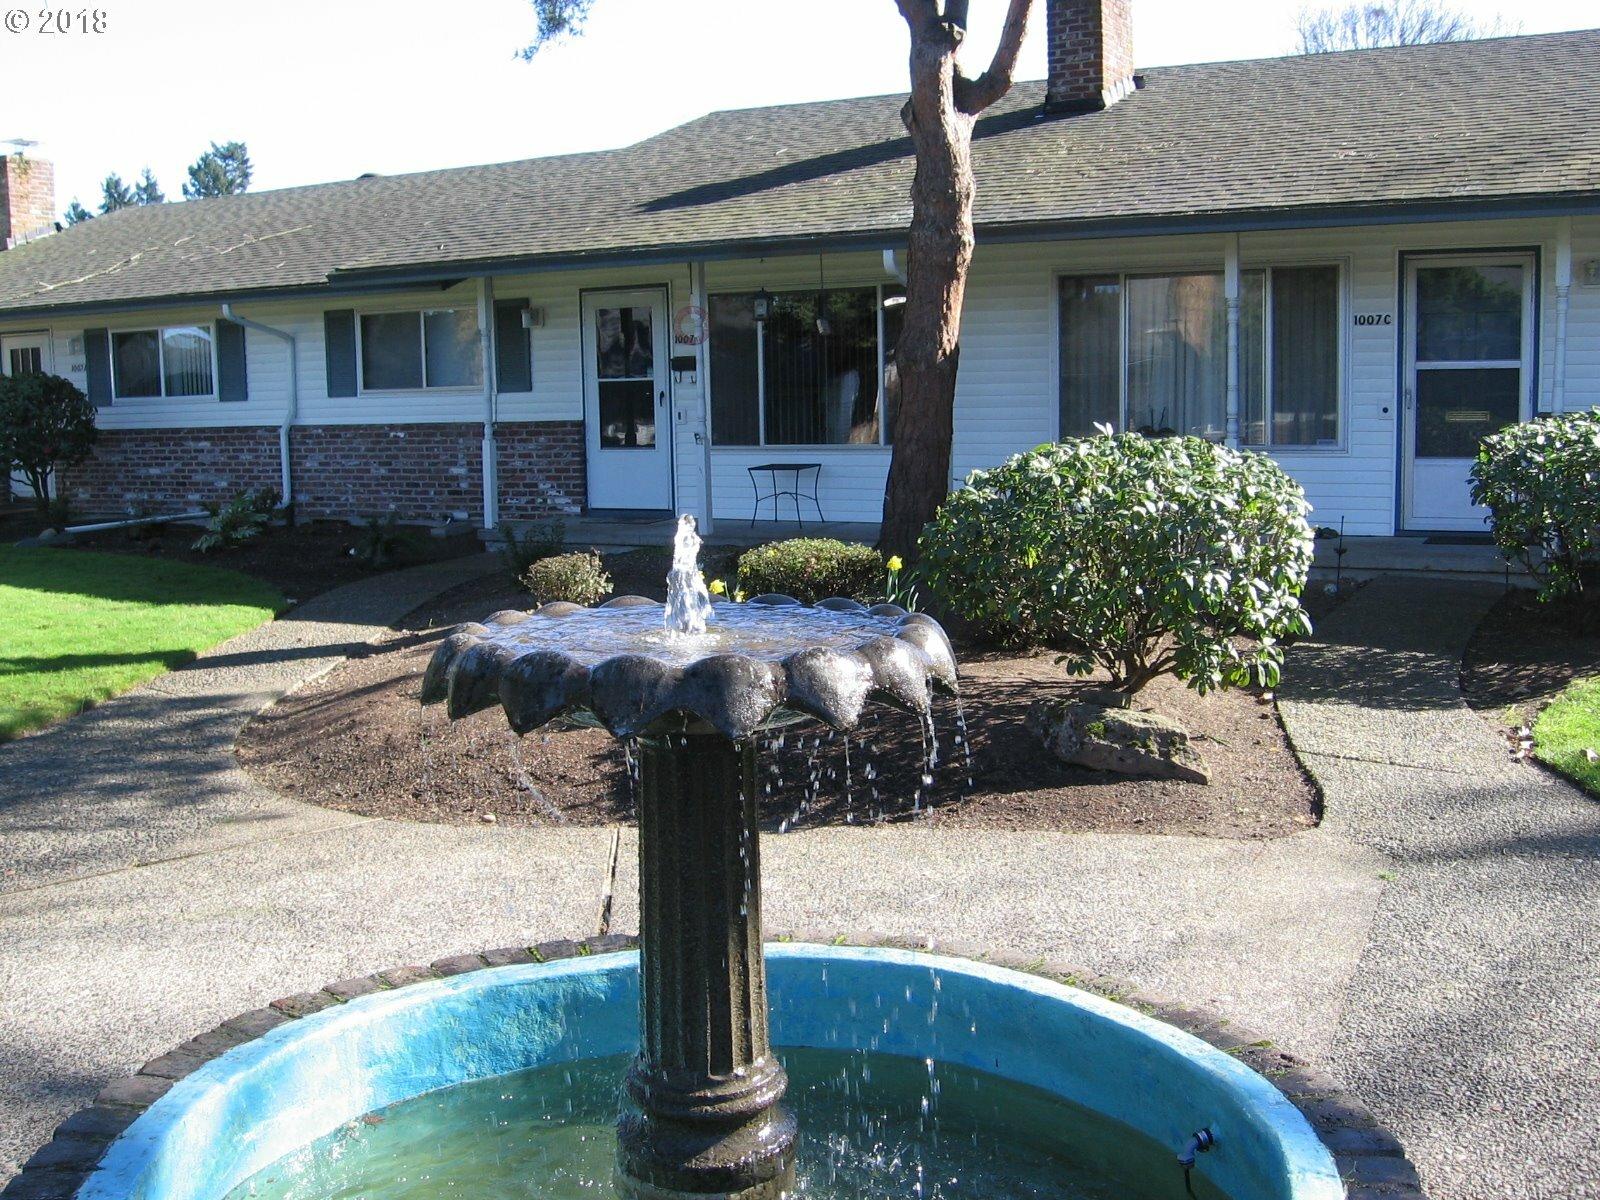 1007 Ne 90th Ave B, Portland, OR - USA (photo 1)